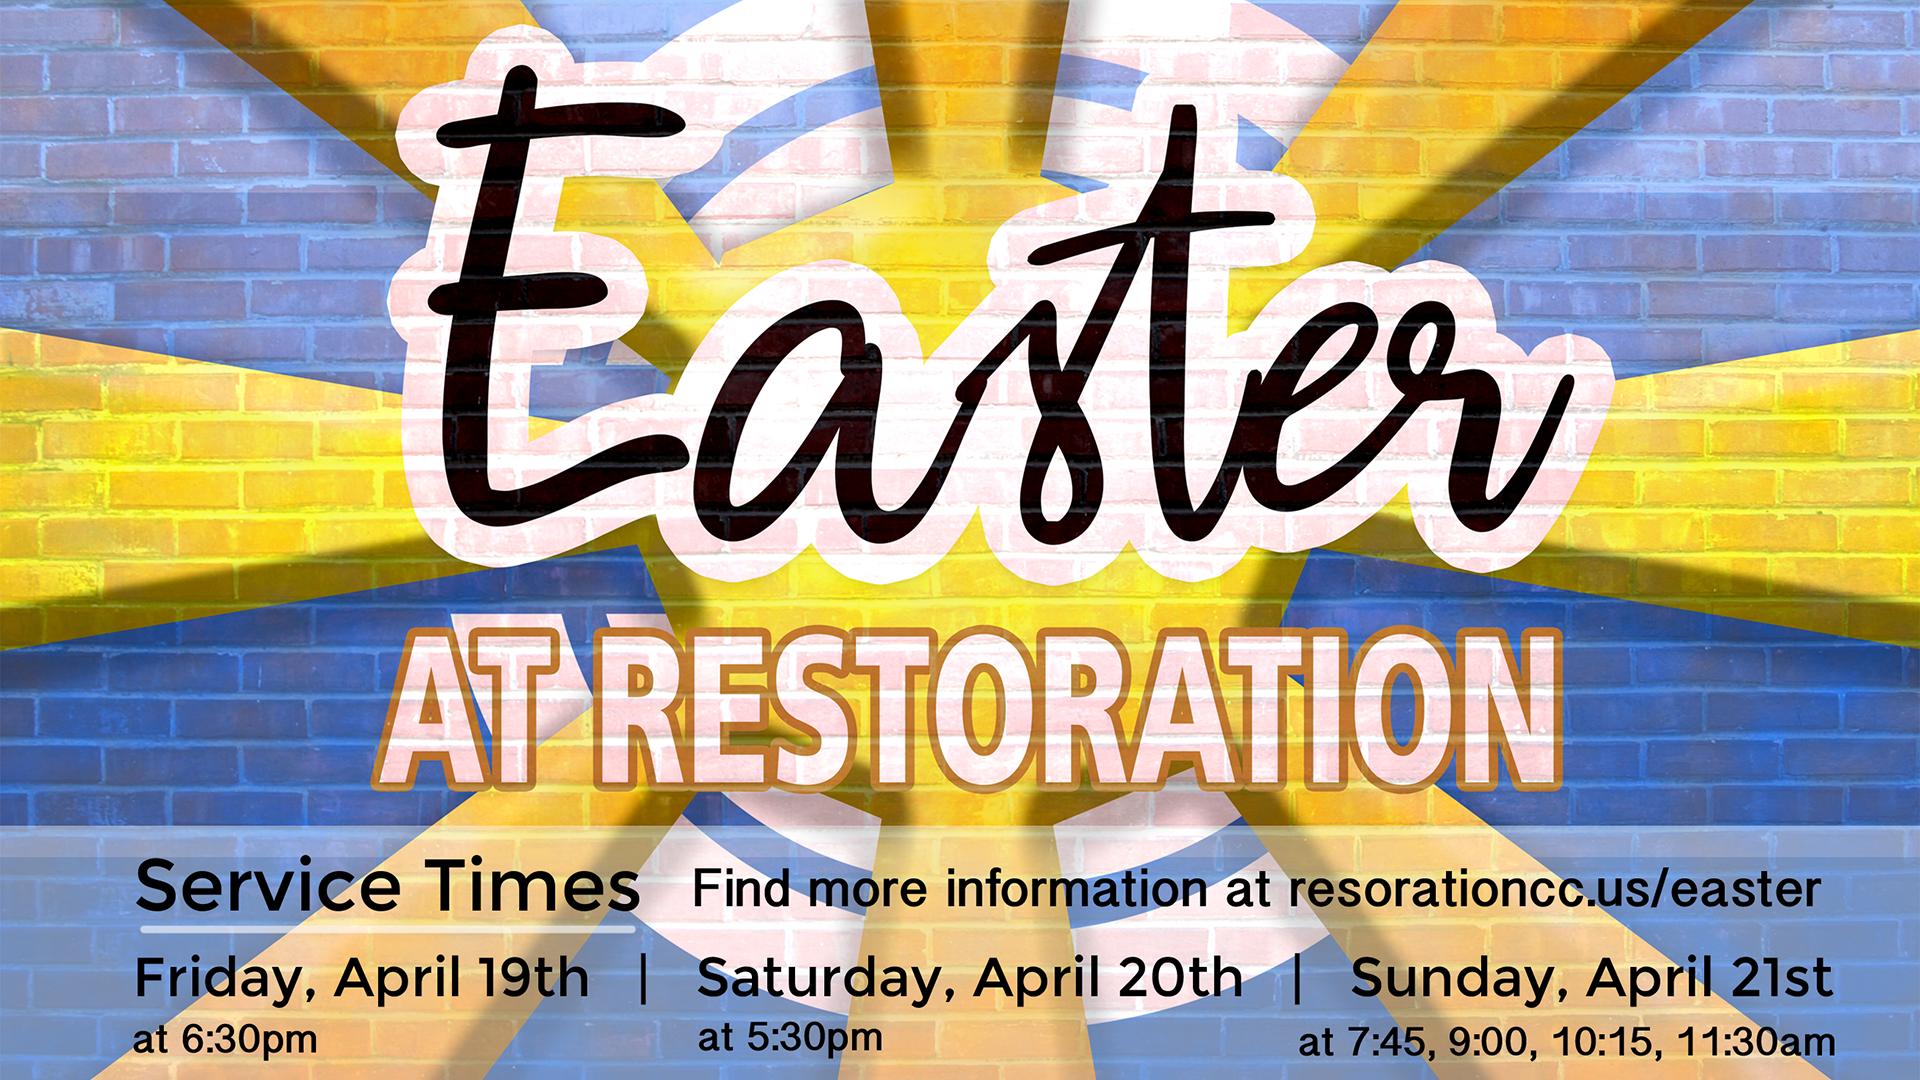 Easter Service Times Slide v1.png